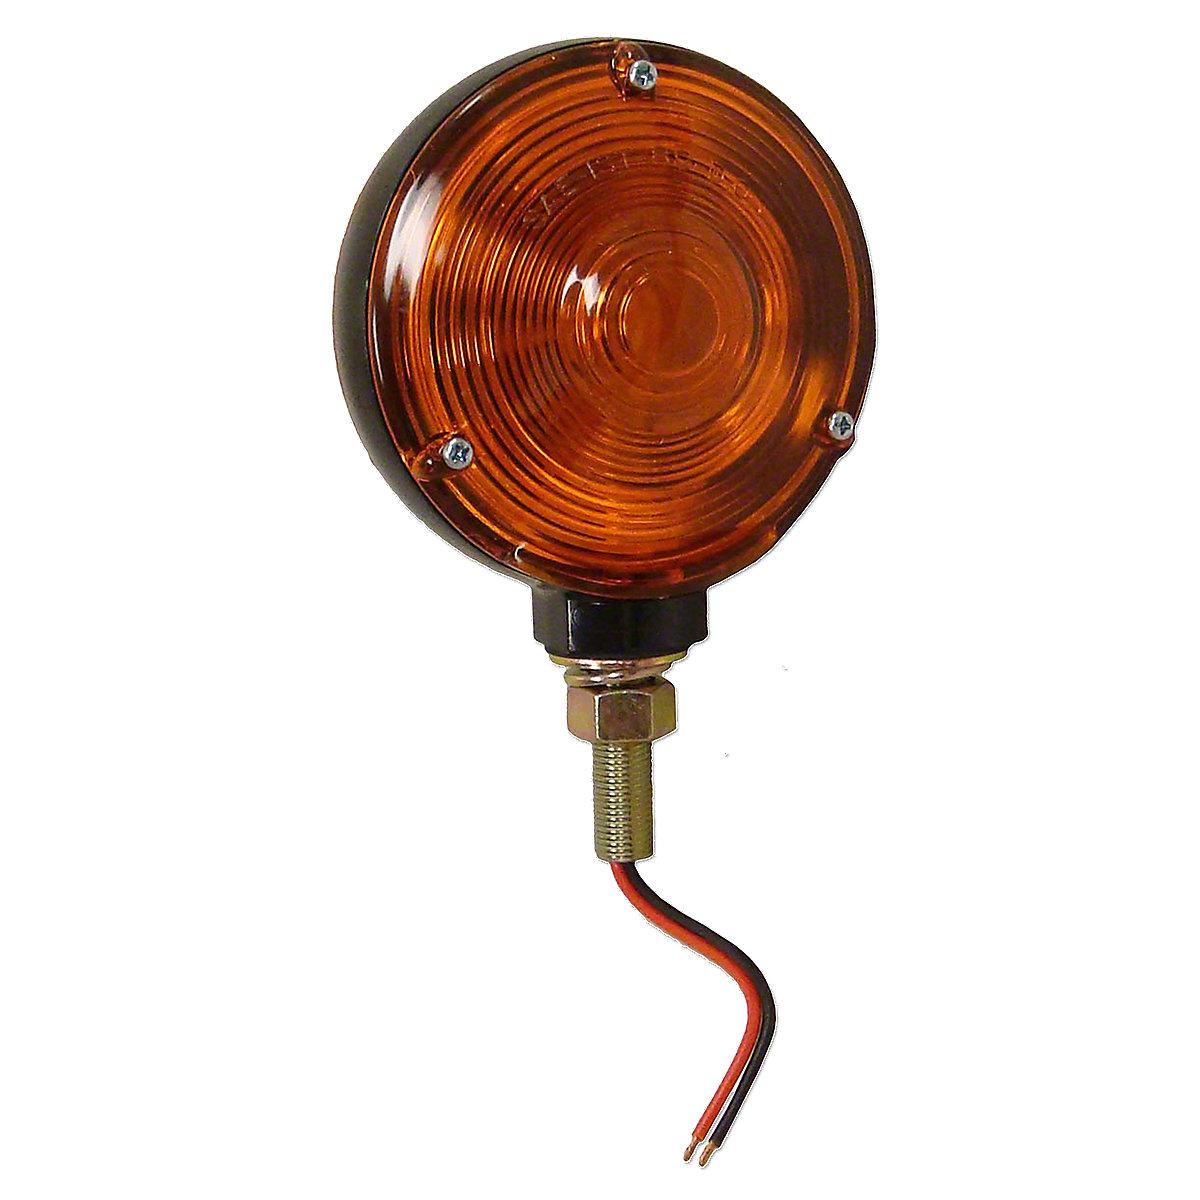 Round Fender Or Cab Mount Warning Light For Massey Ferguson: 1080, 1085, 1100, 1105, 1130, 1135, 1150, 1155, 135, 150, 165, 175, 180, 230, 235, 240, 245, 250, 255, 265, 270, 275, 285, 298, 670, 698, 699.